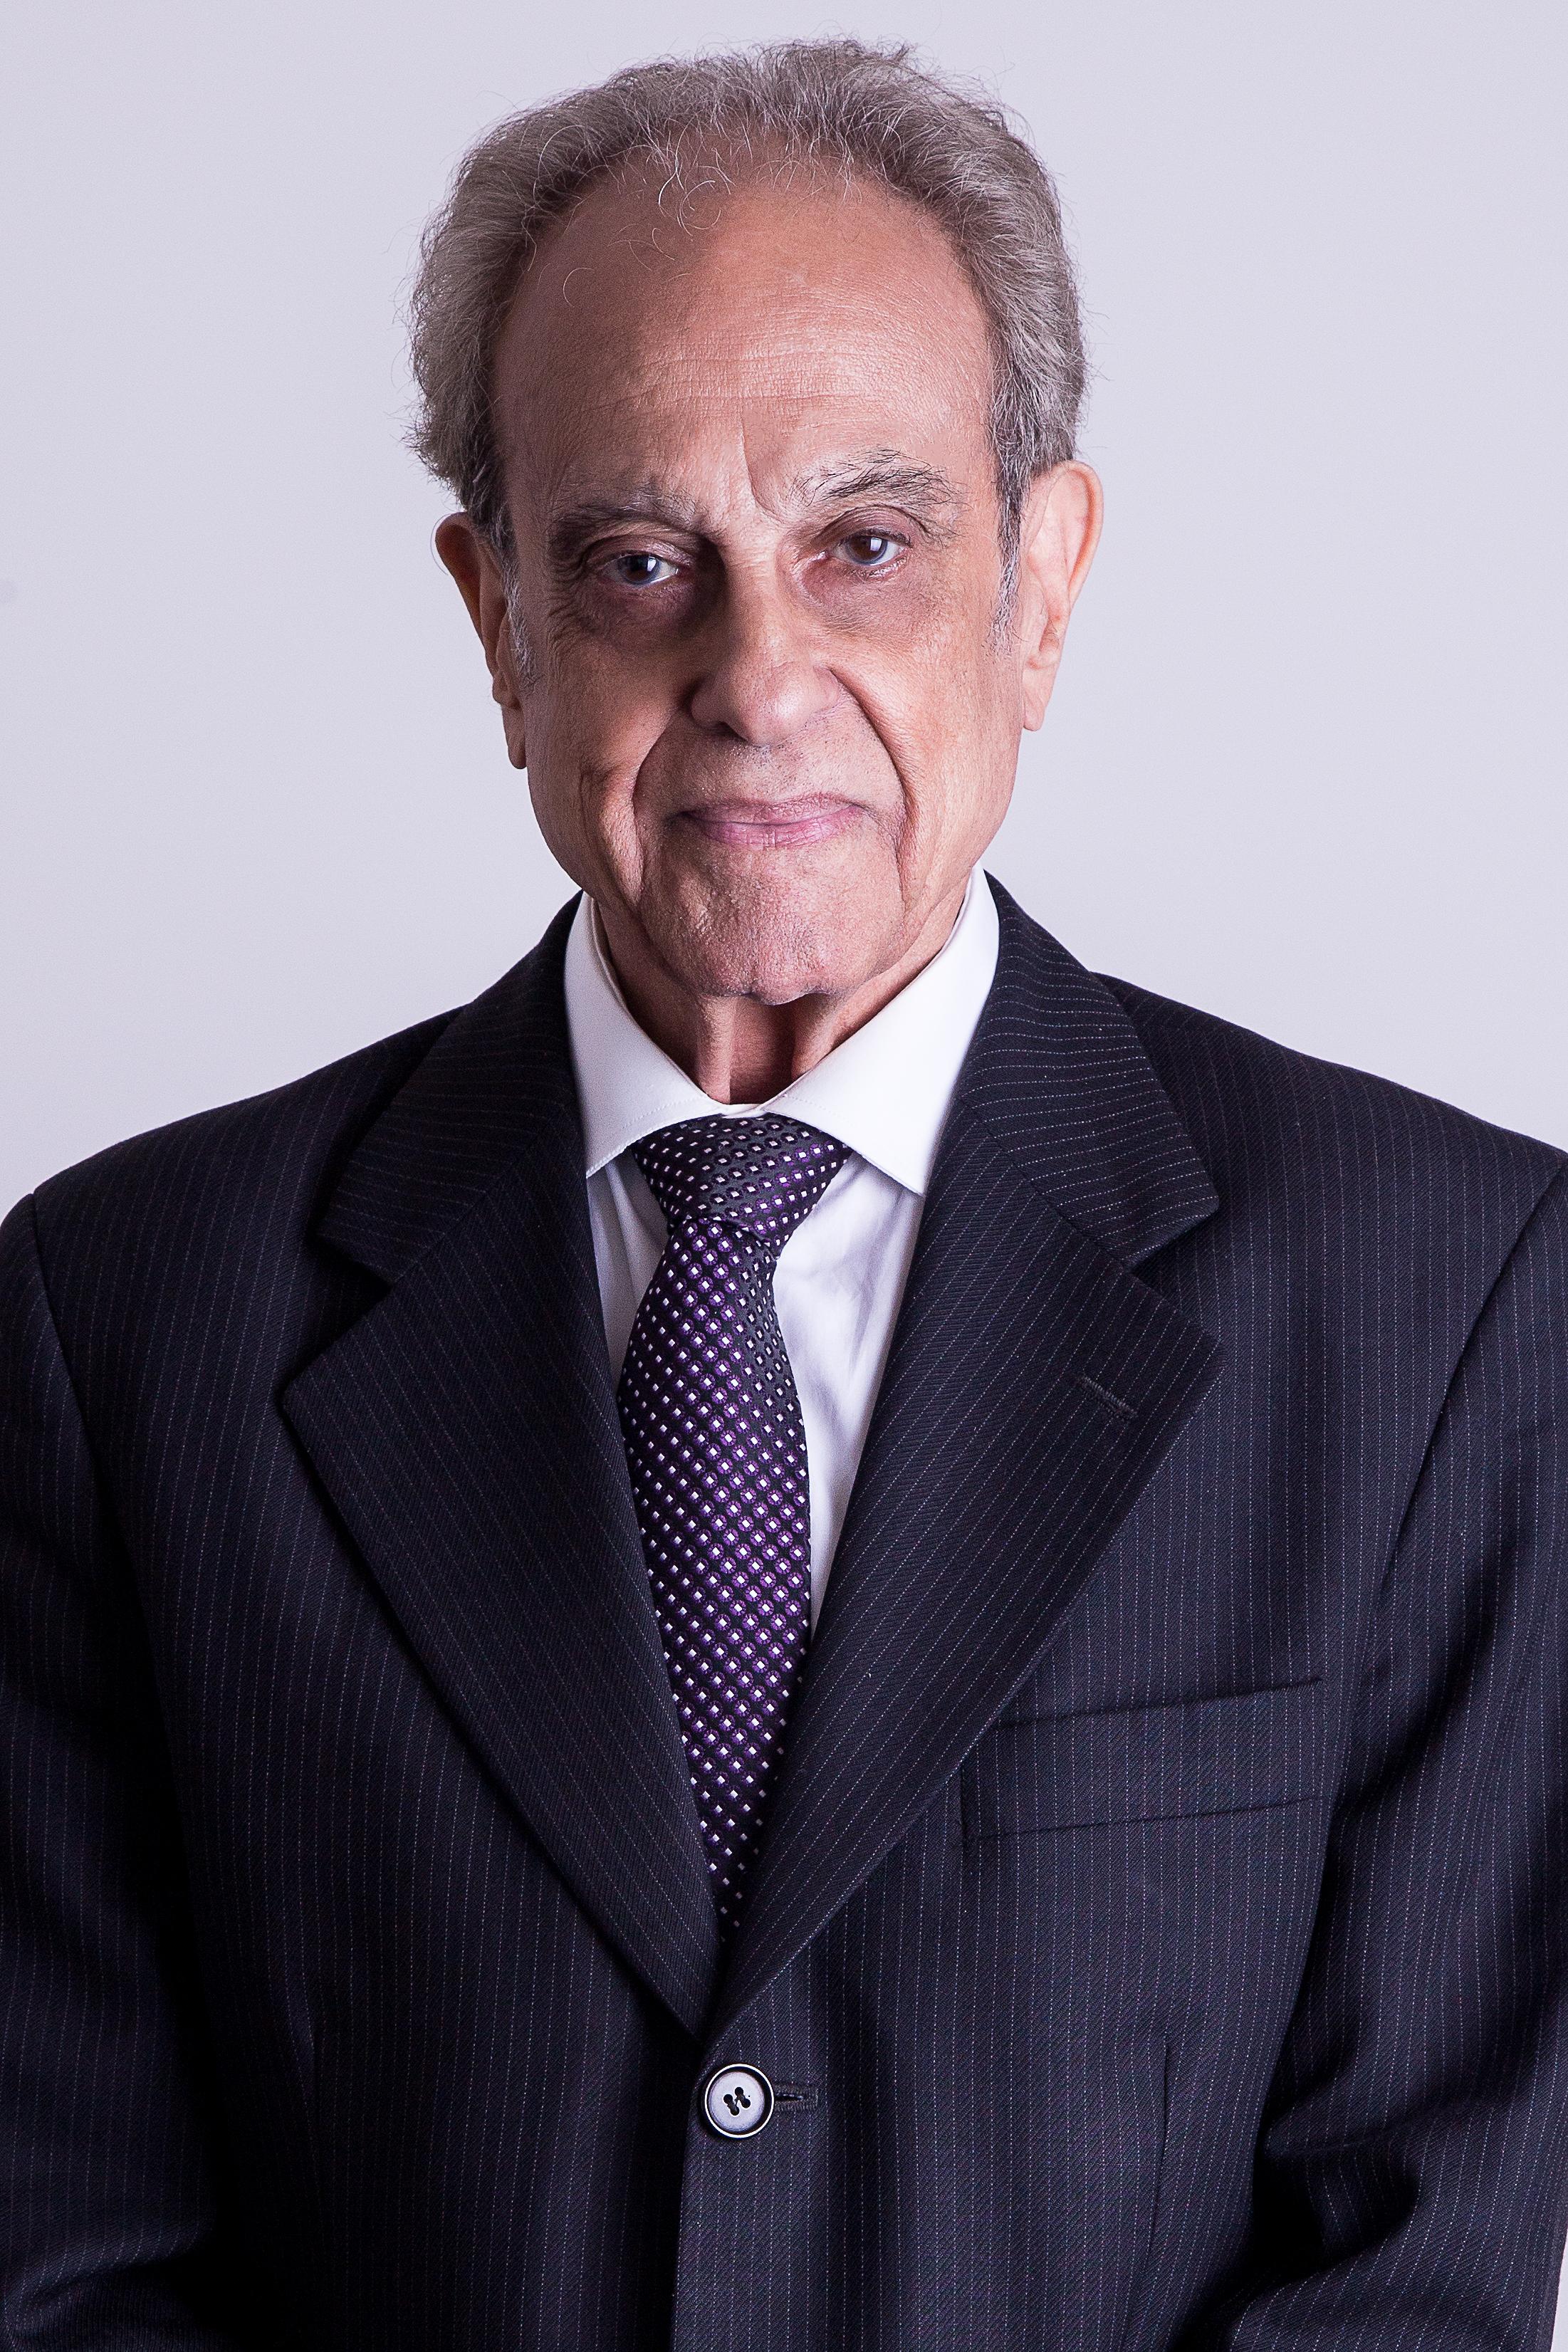 Julio Cezar da Fonseca Furtado   jcfurtado@daudtadvogados.com.br